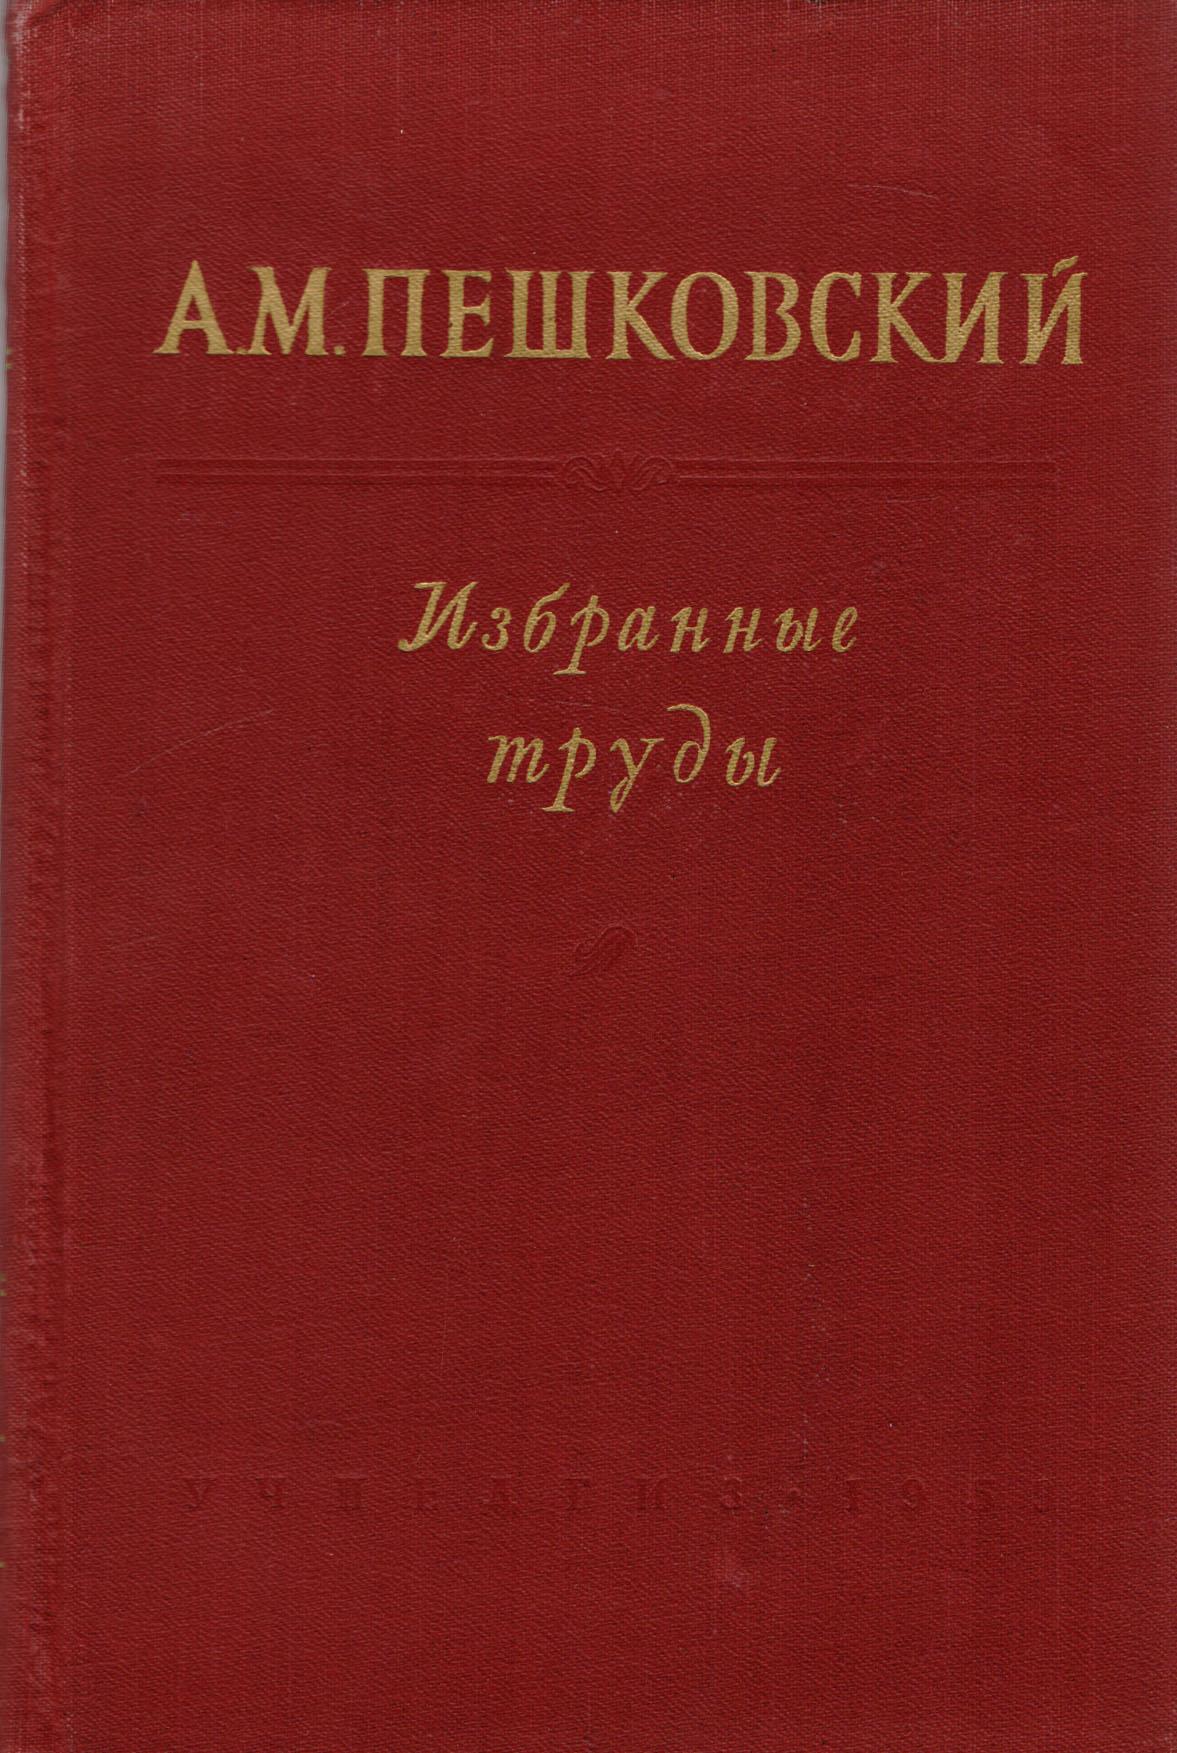 А. М. Пешковский. Избранные труды